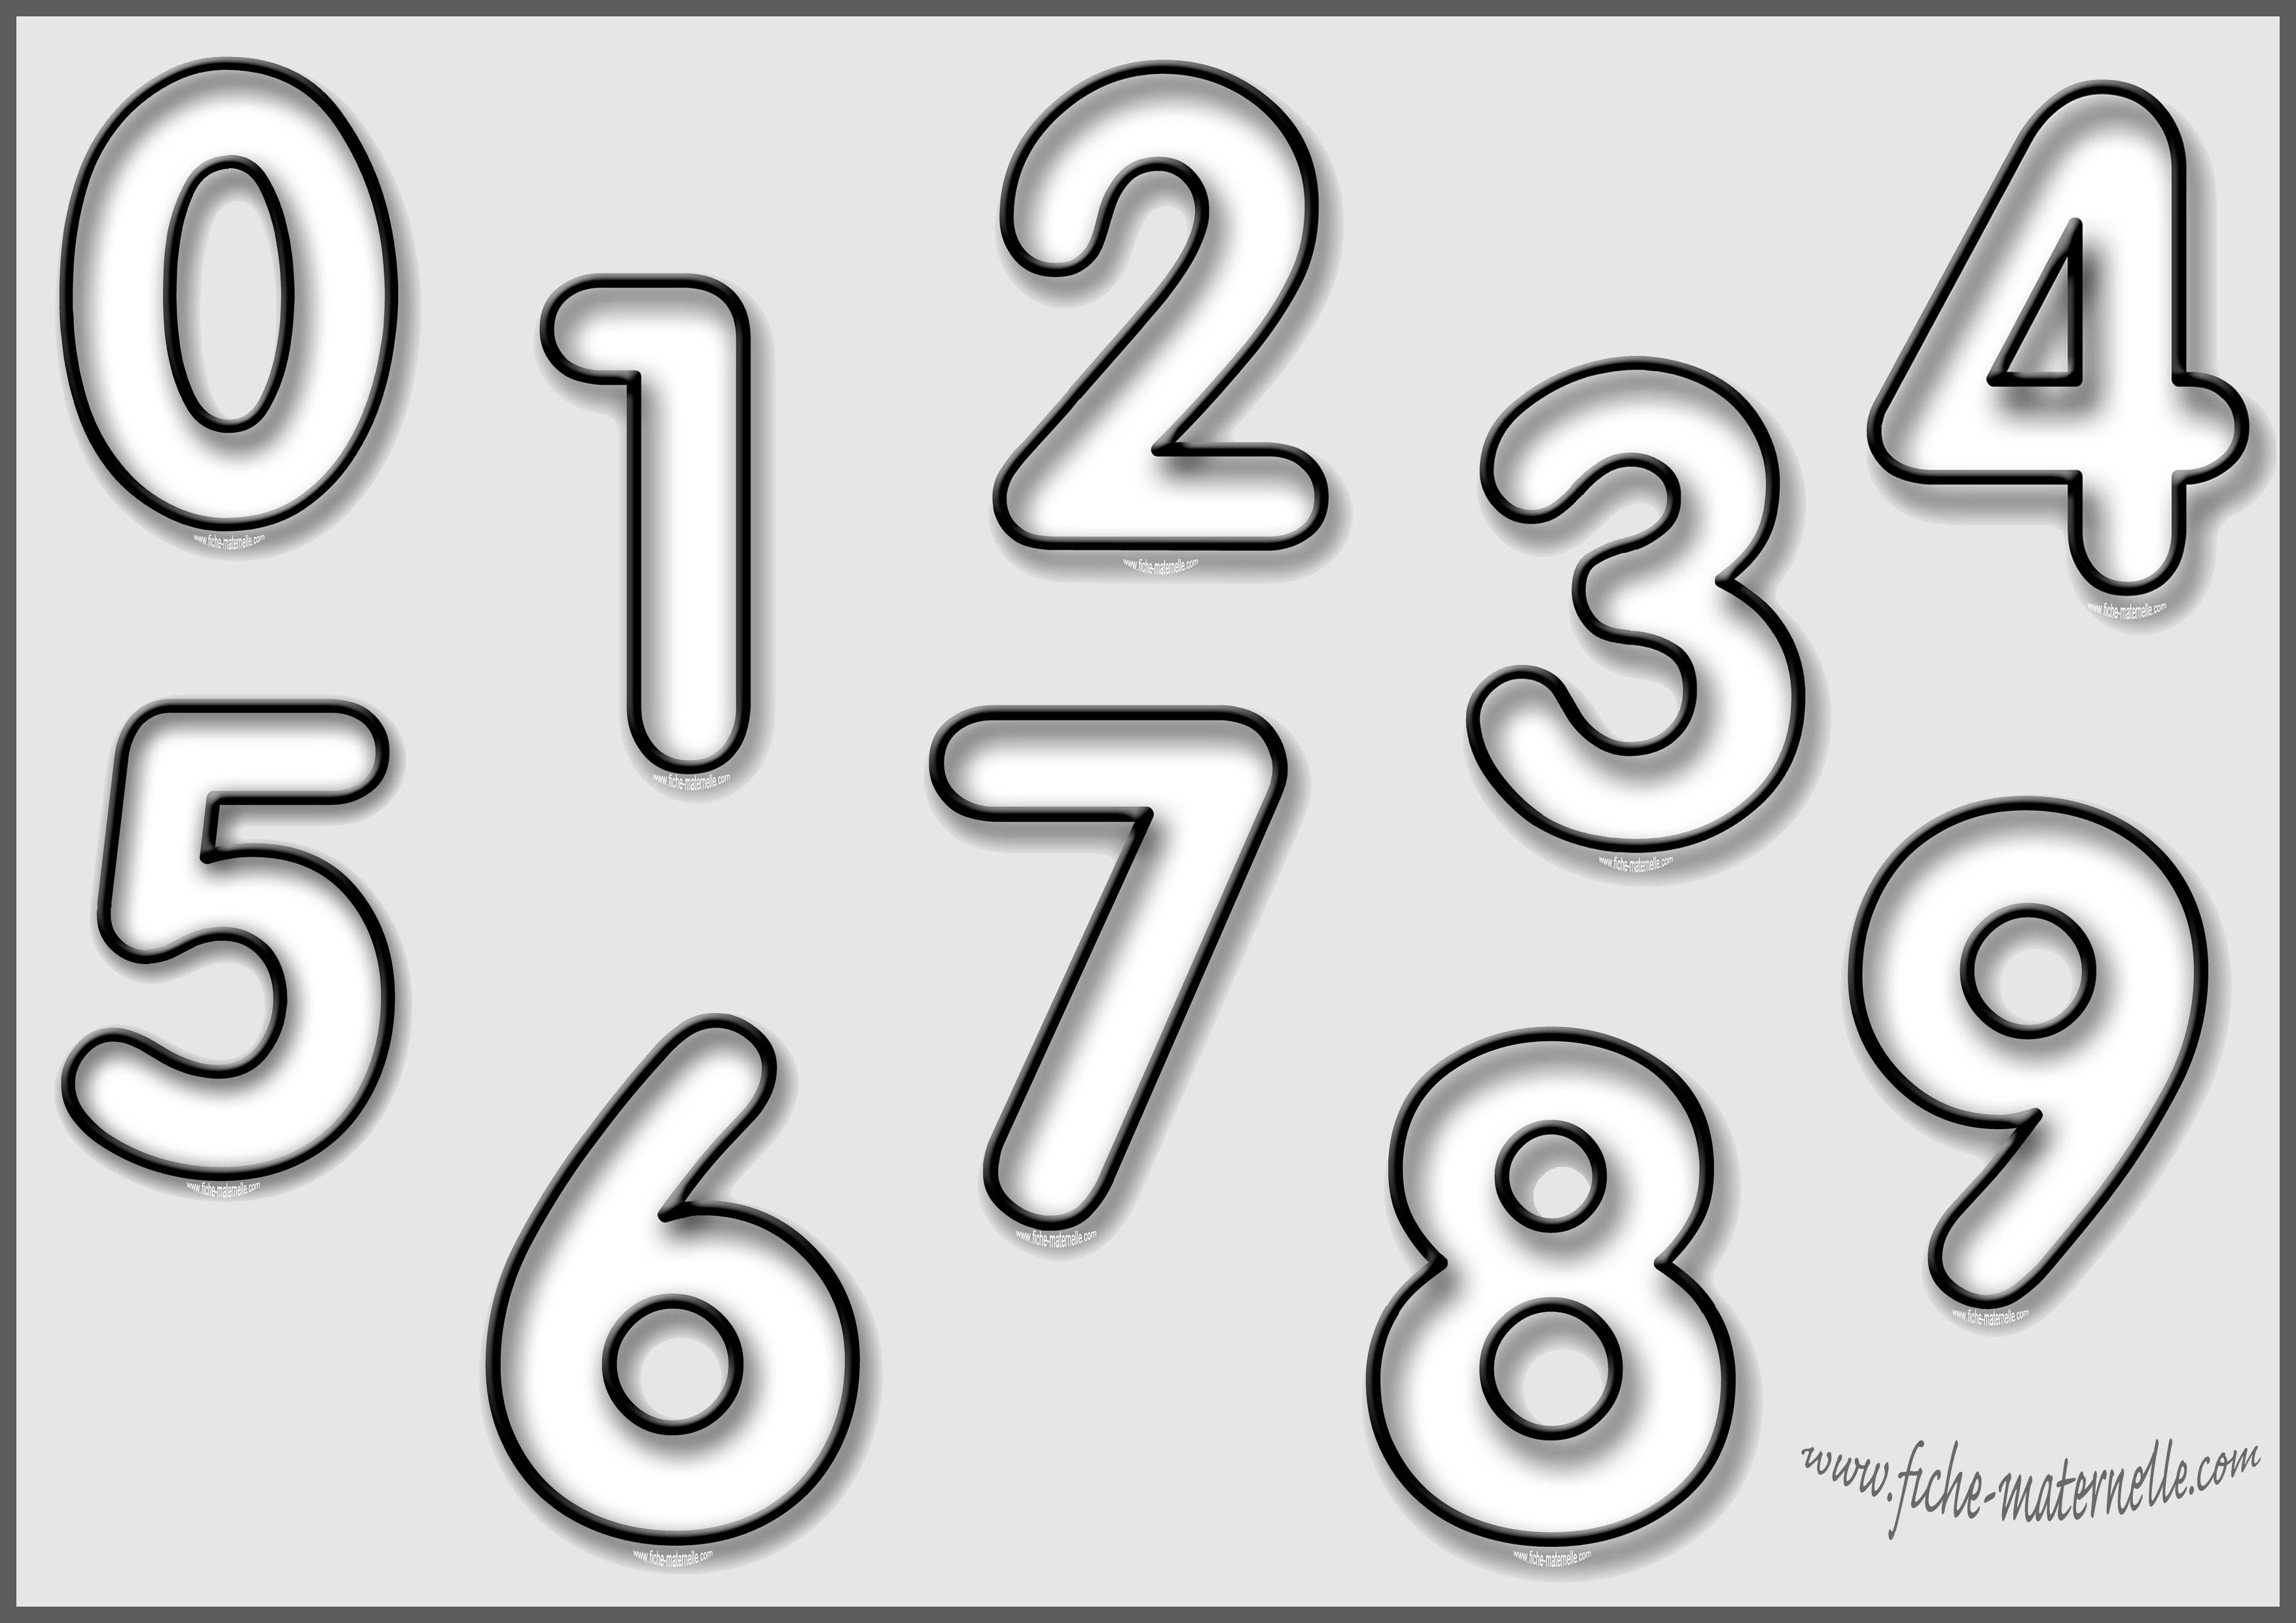 Coloriage les chiffres - Coloriage avec des chiffres ...